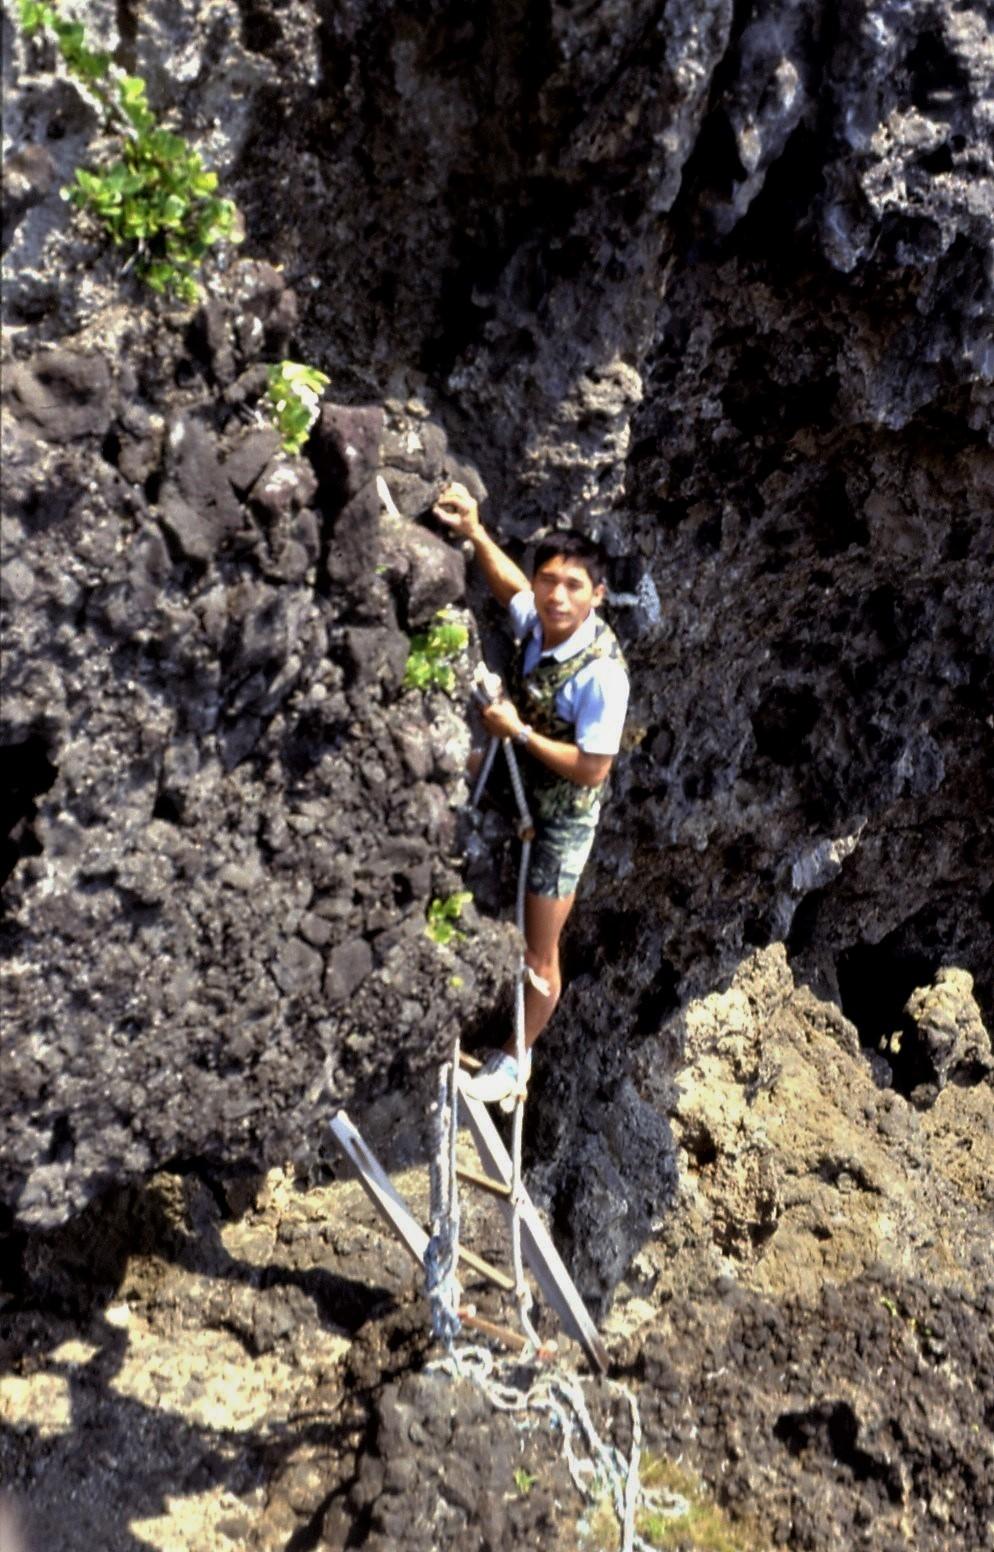 往蛇洞途中需借助繩梯。照片提供:杜銘章